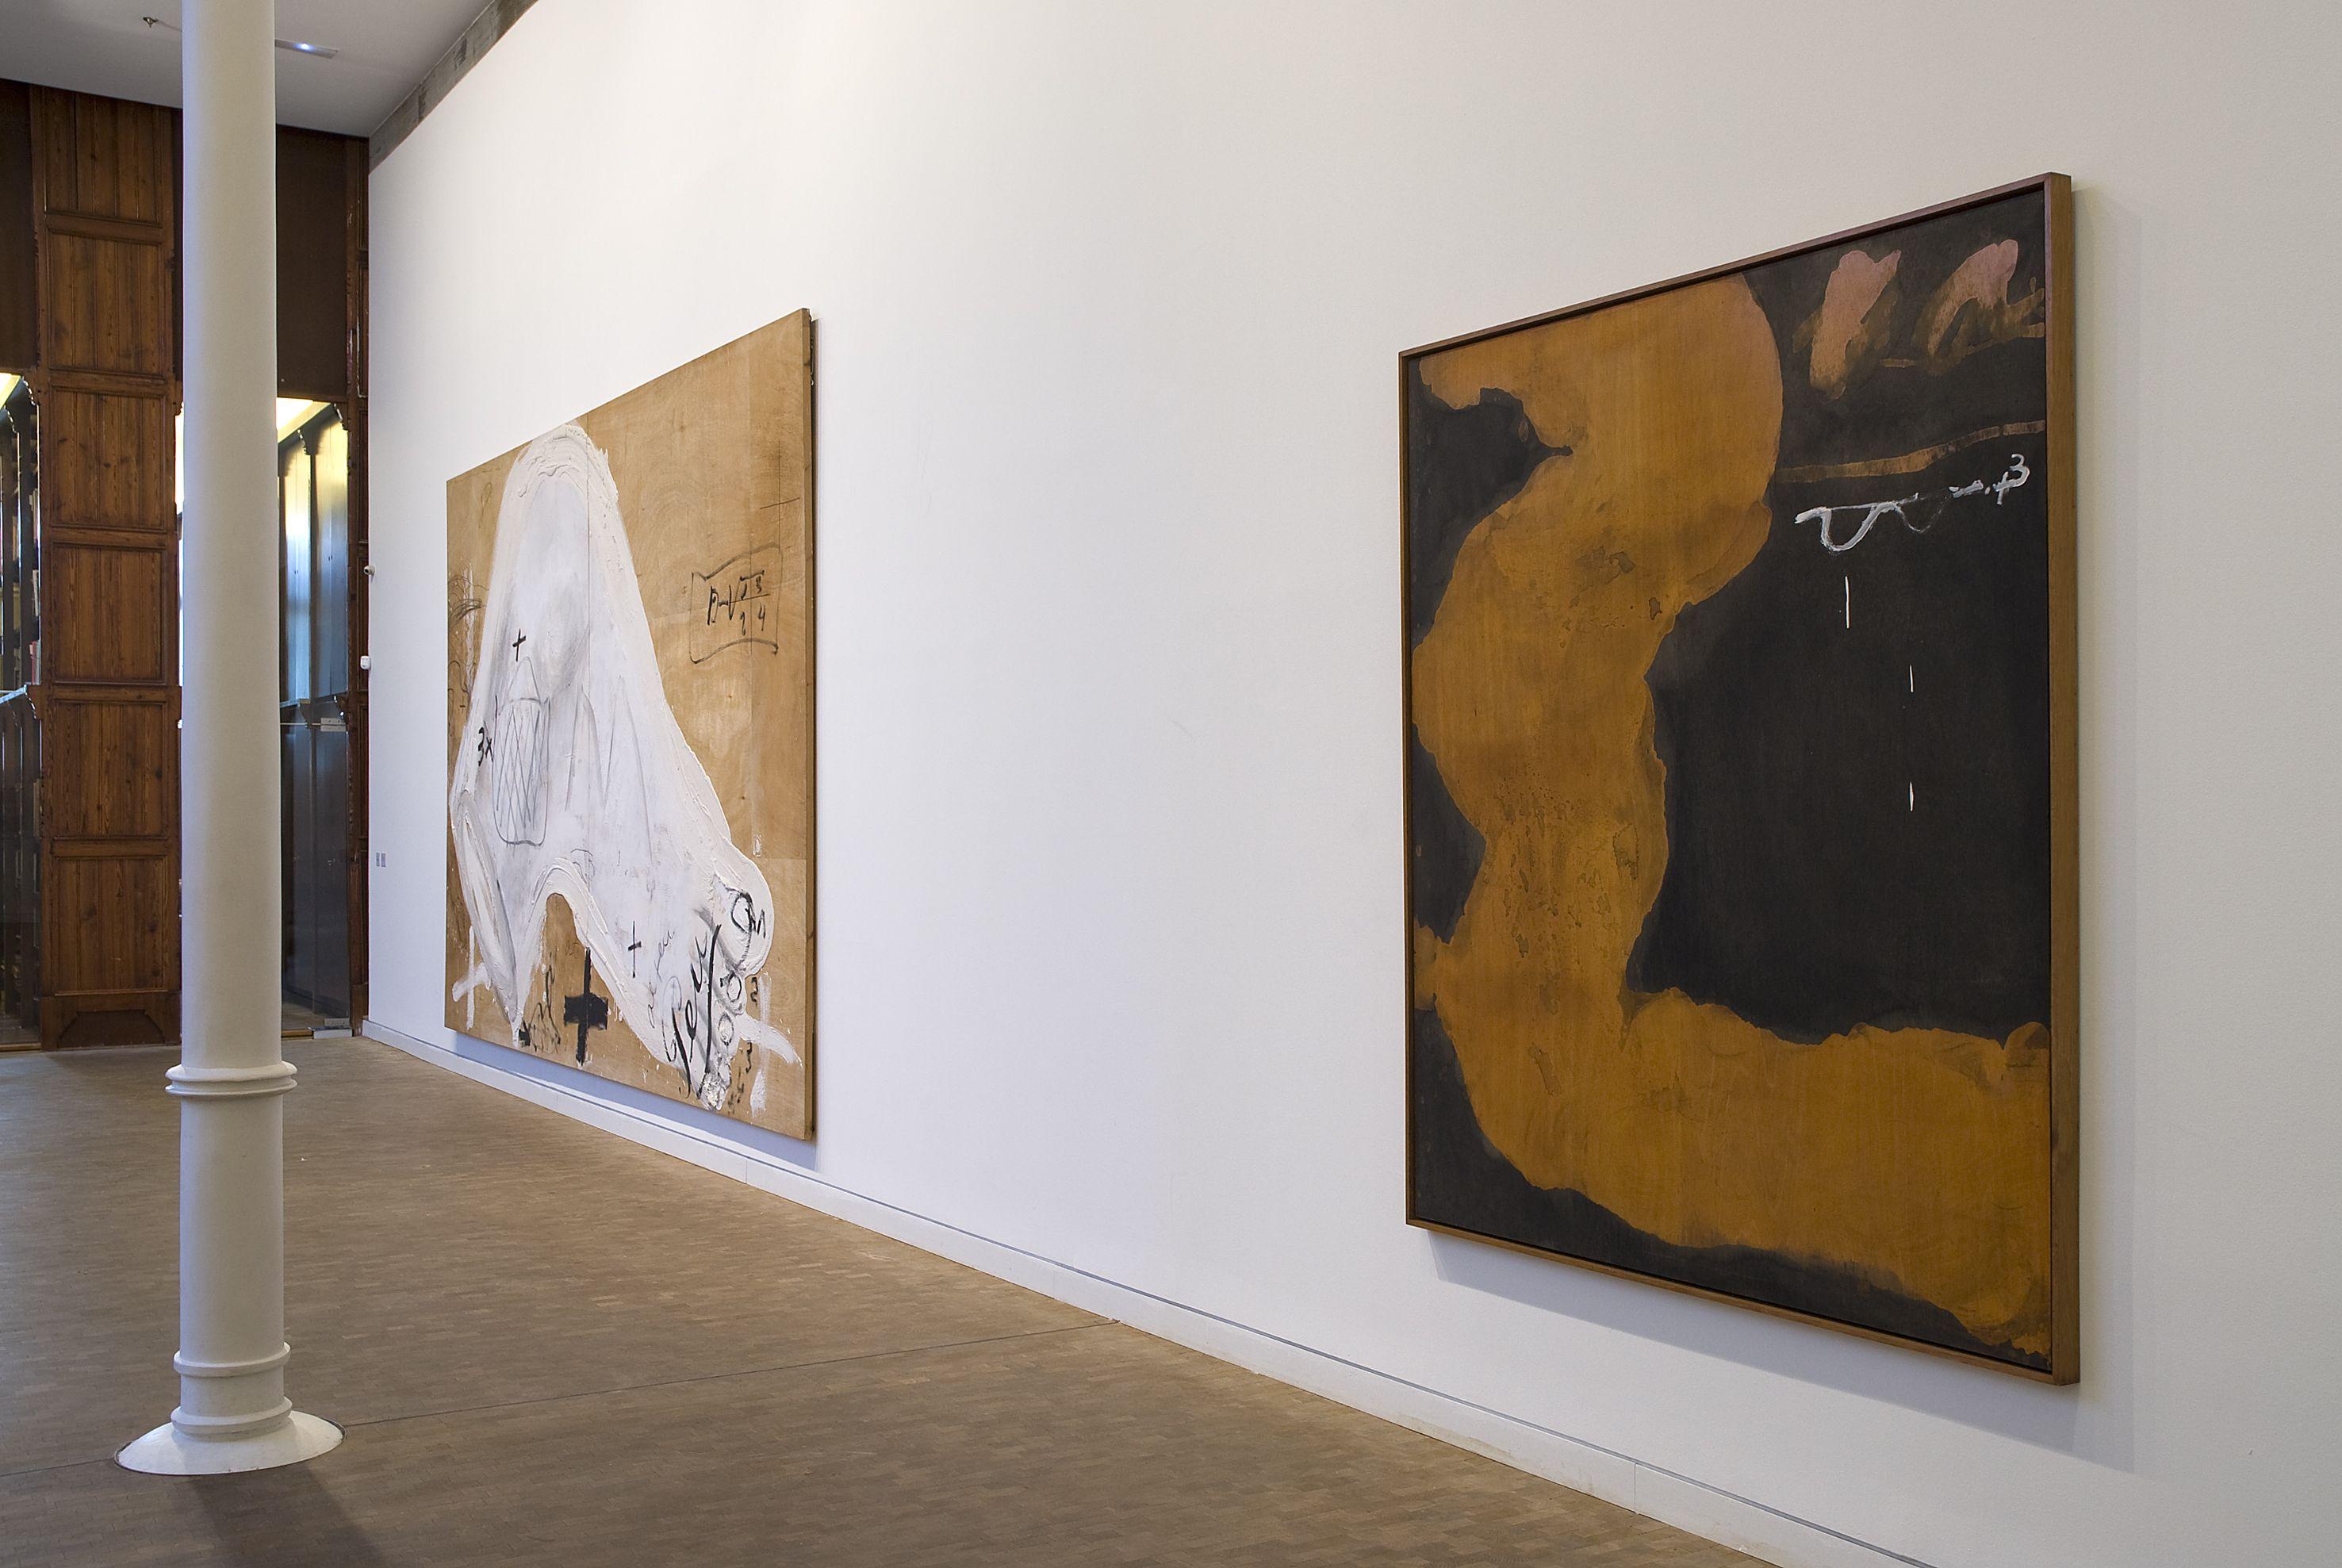 Antoni Tàpies. Col·lecció, # 5. 1 març– 9 juny 2013 Fotografia: Lluís Bover. © Fundació Antoni Tàpies. Publicat amb la llicència CC BY-NC-SA